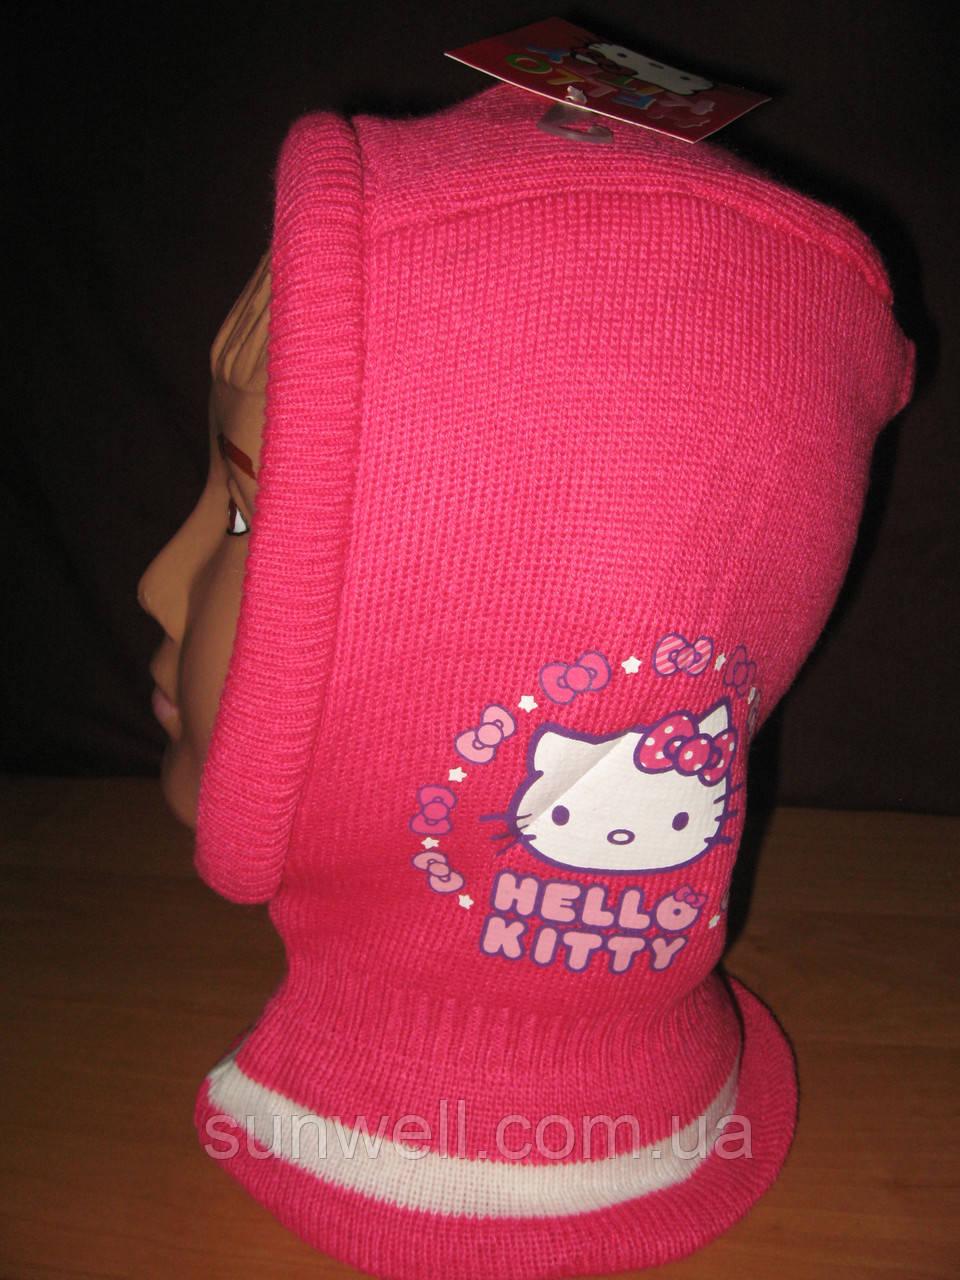 Дитяча шапка-шолом для дівчаток Sun City